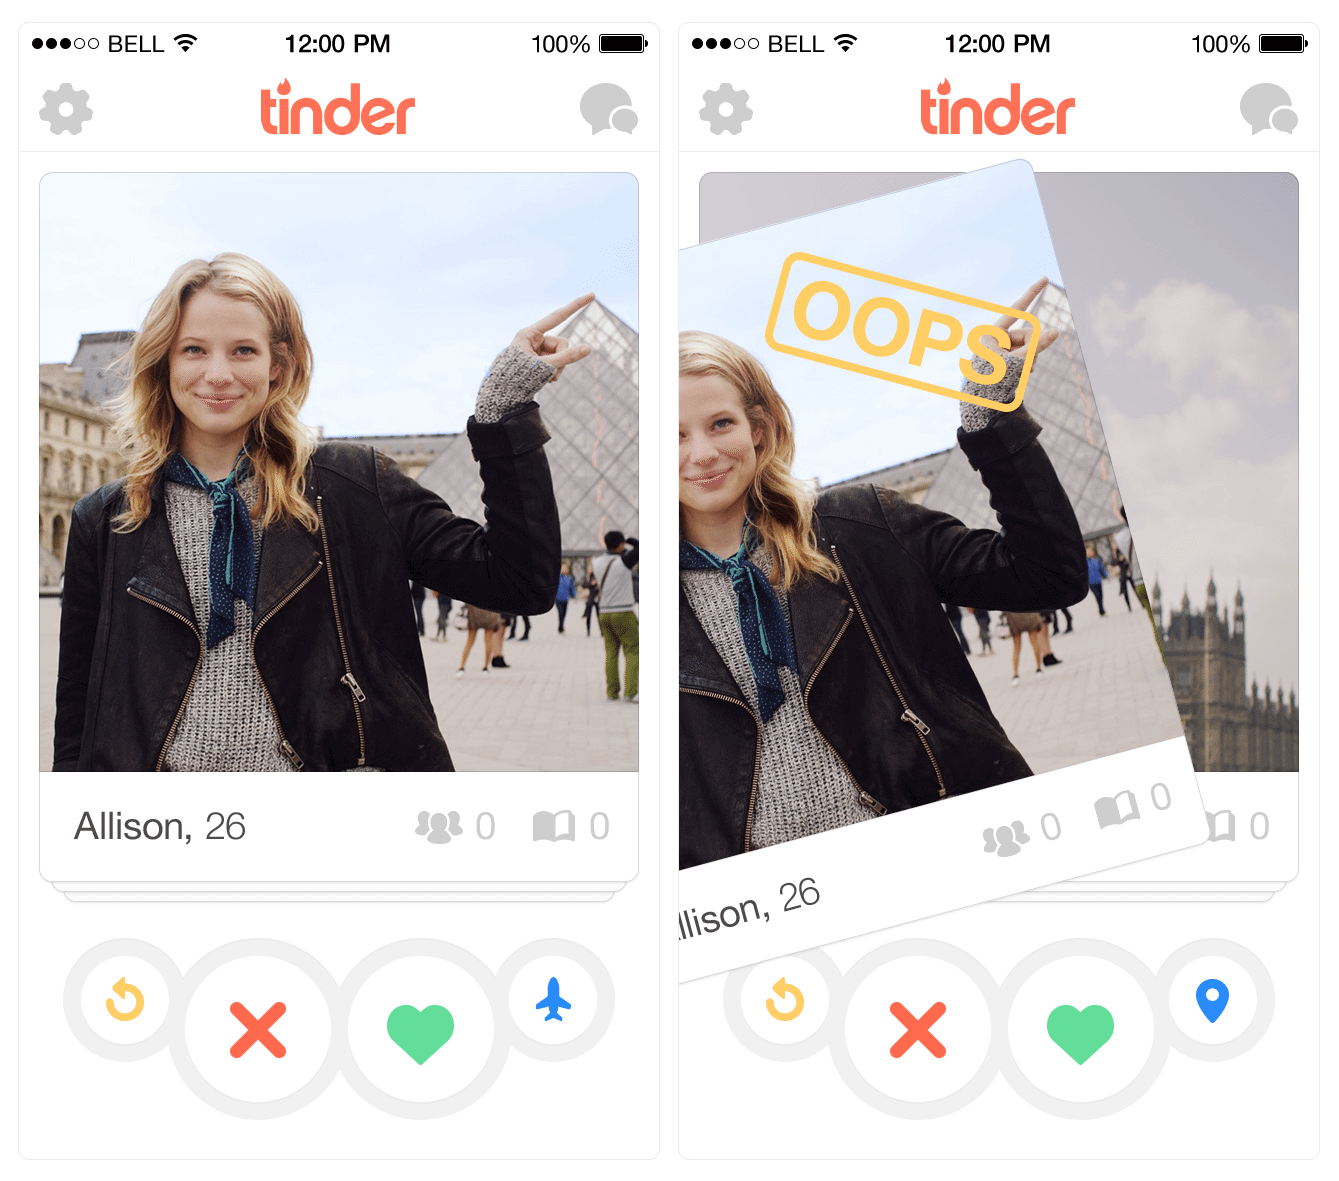 undo - Tinder lança versão Plus com opção de voltar e mudança de localização